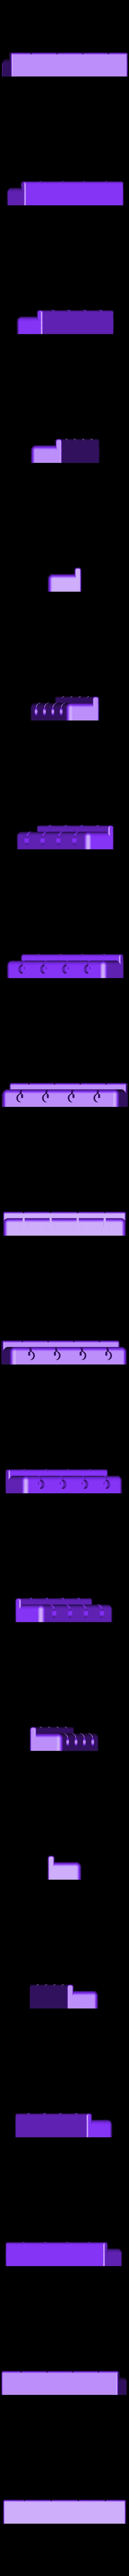 ukulele_bridge.stl Télécharger fichier STL gratuit Ukulélé imprimé 3d personnalisé • Modèle pour impression 3D, Witorgor